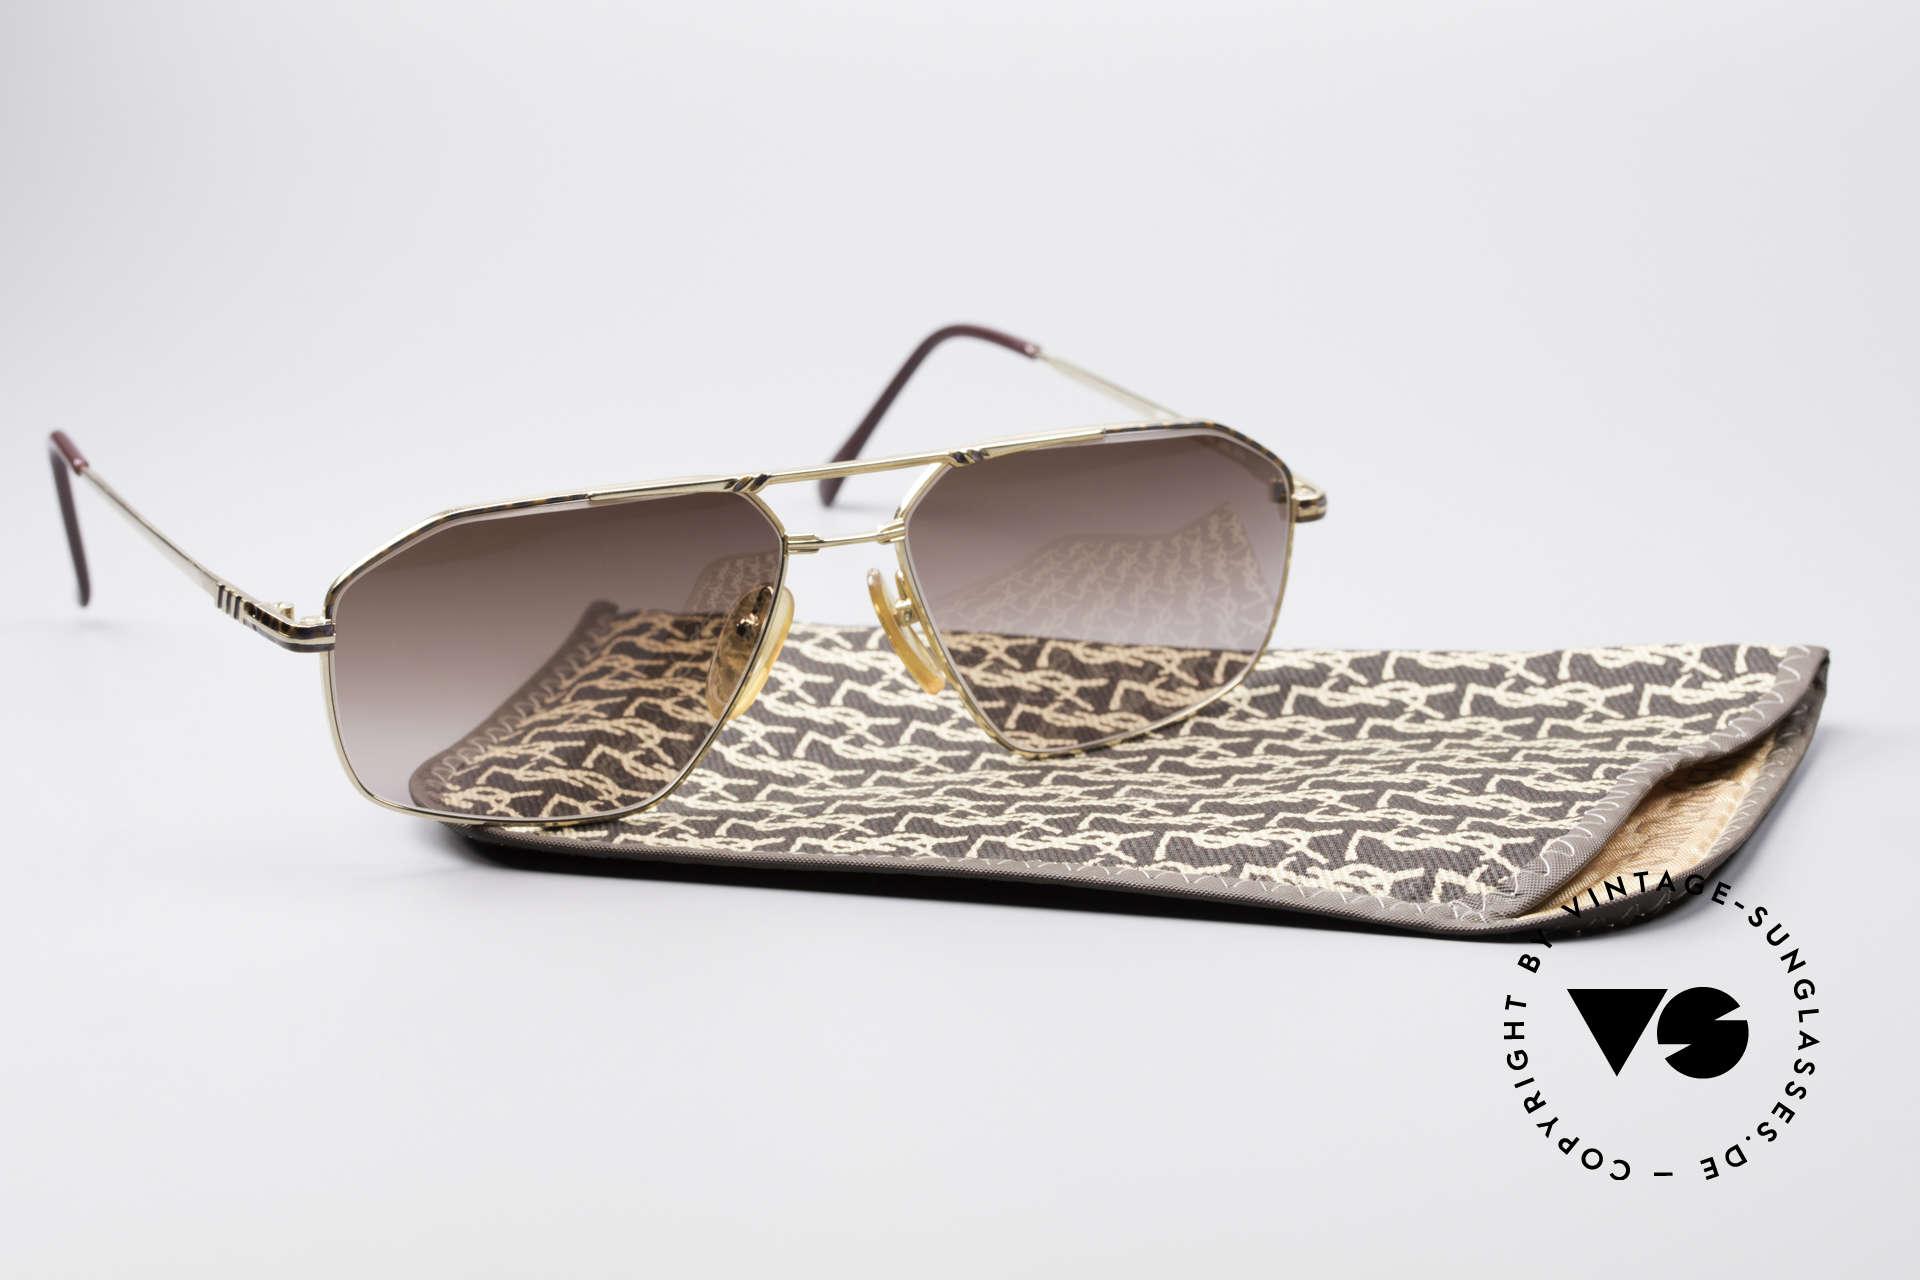 Yves Saint Laurent Aeson Vintage Sonnenbrille, Größe: extra large, Passend für Herren